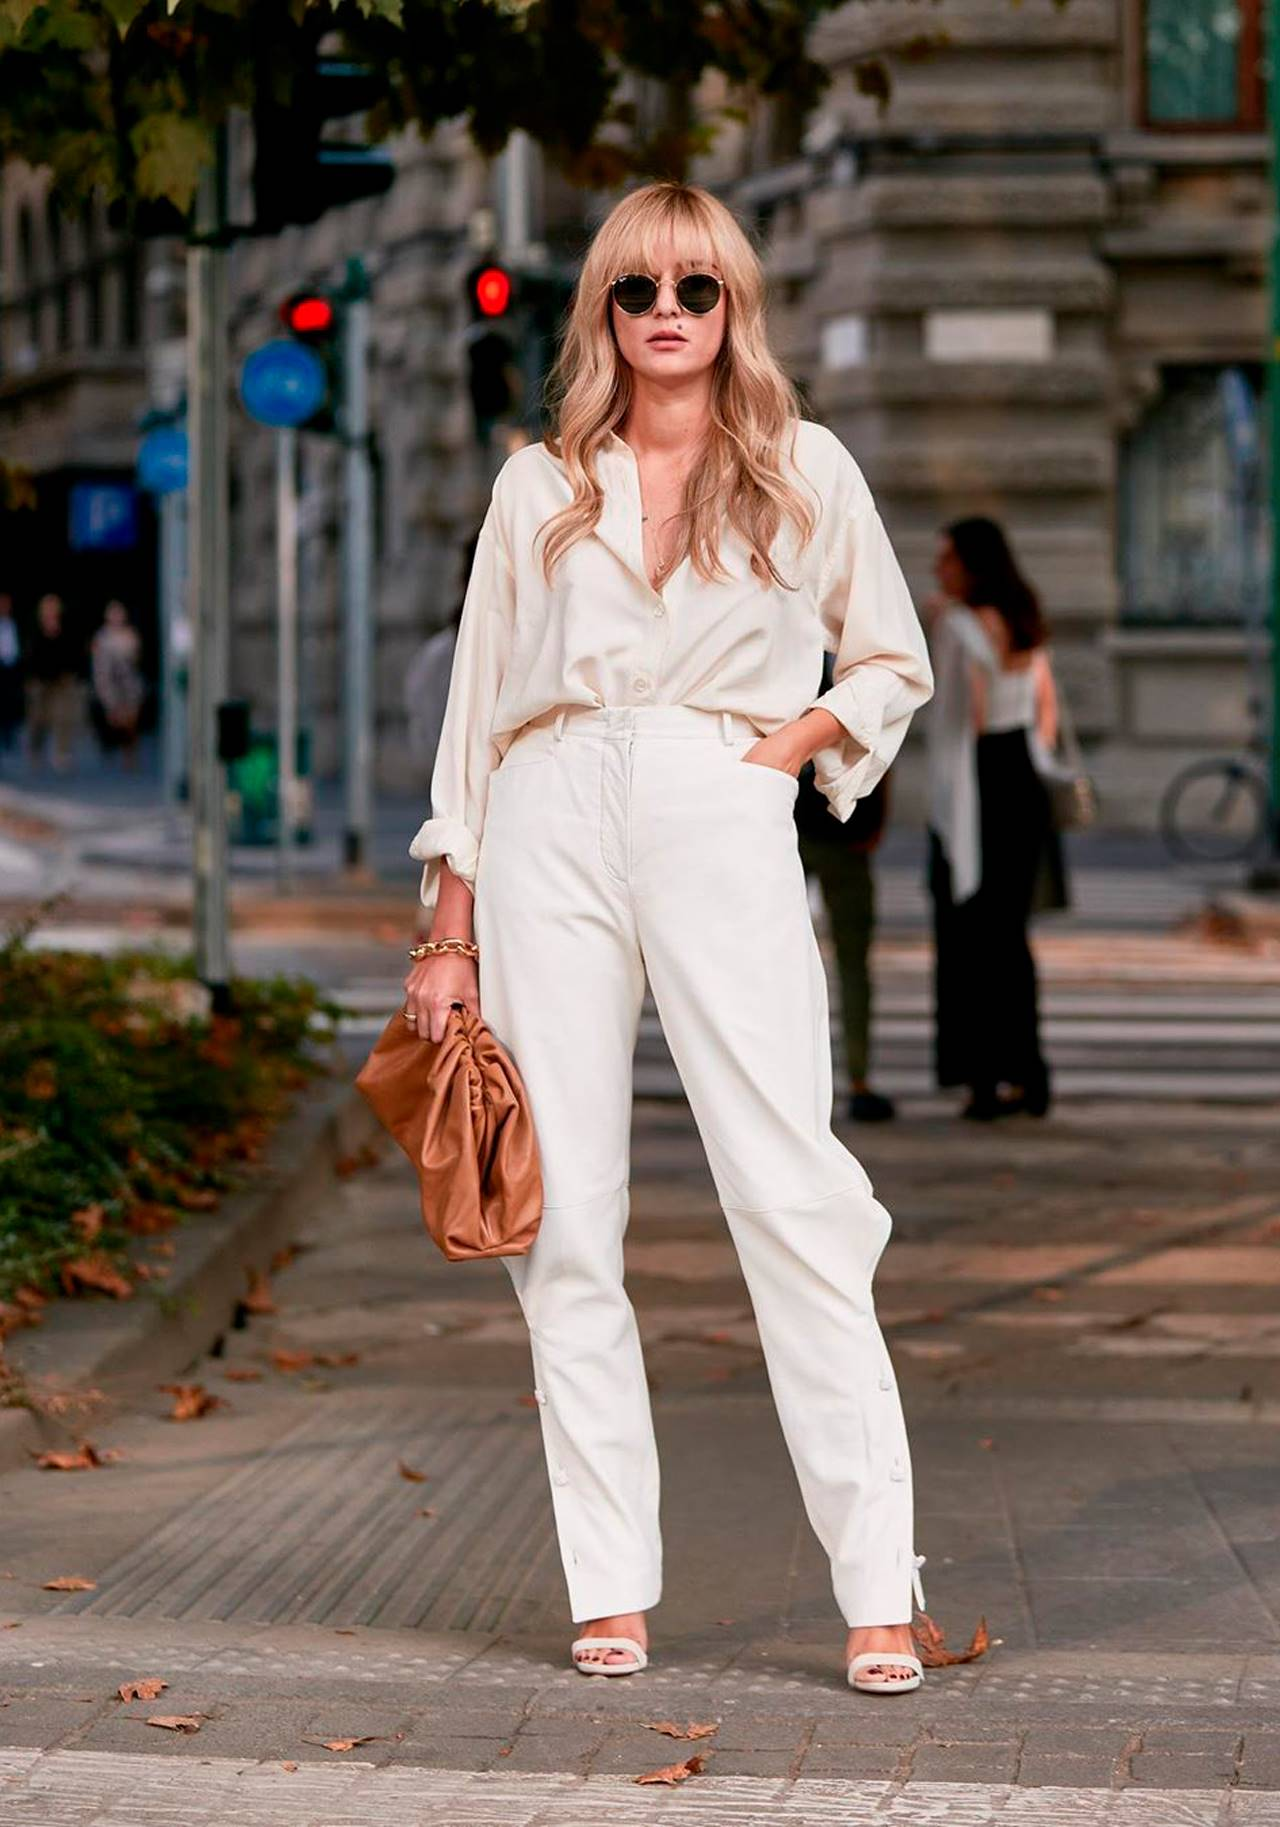 Como Llevar El Pantalon Blanco En Verano Trucos De Estilo